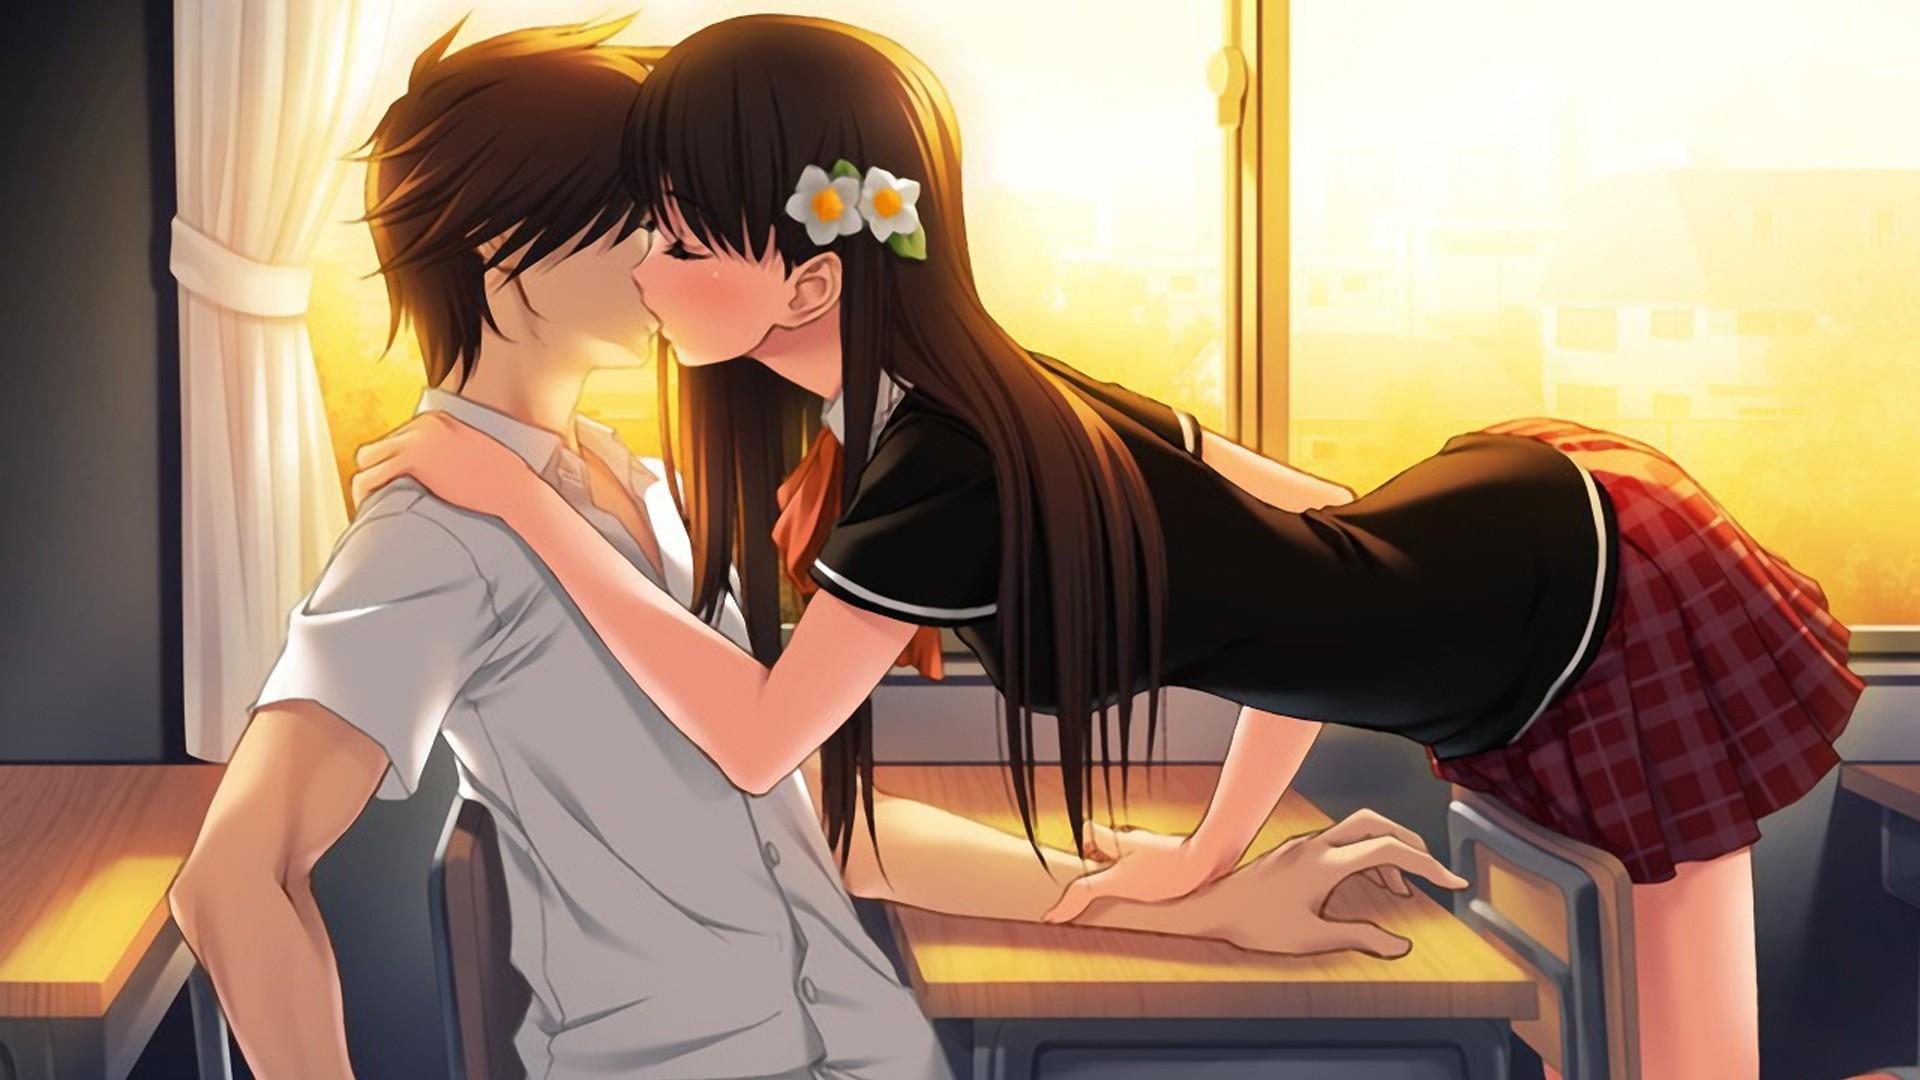 Preview wallpaper boy, girl, kiss, tenderness, dawn 1920×1080